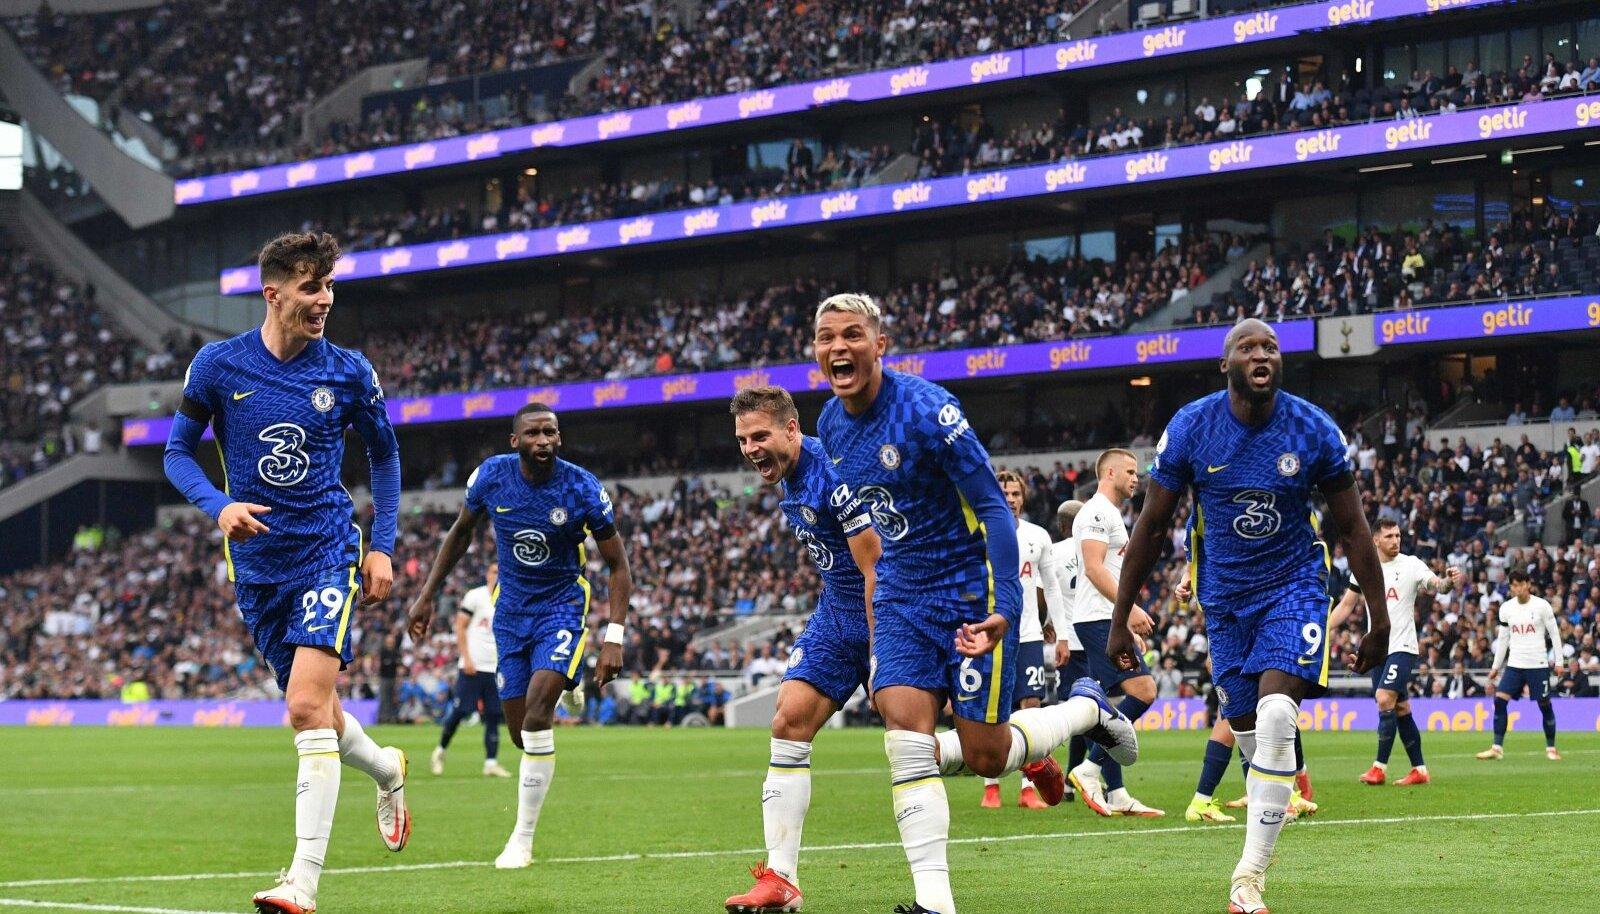 Londoni Chelsea mängijad said kohtumises Tottenhamiga kolmel korral värava löömist tähistada.